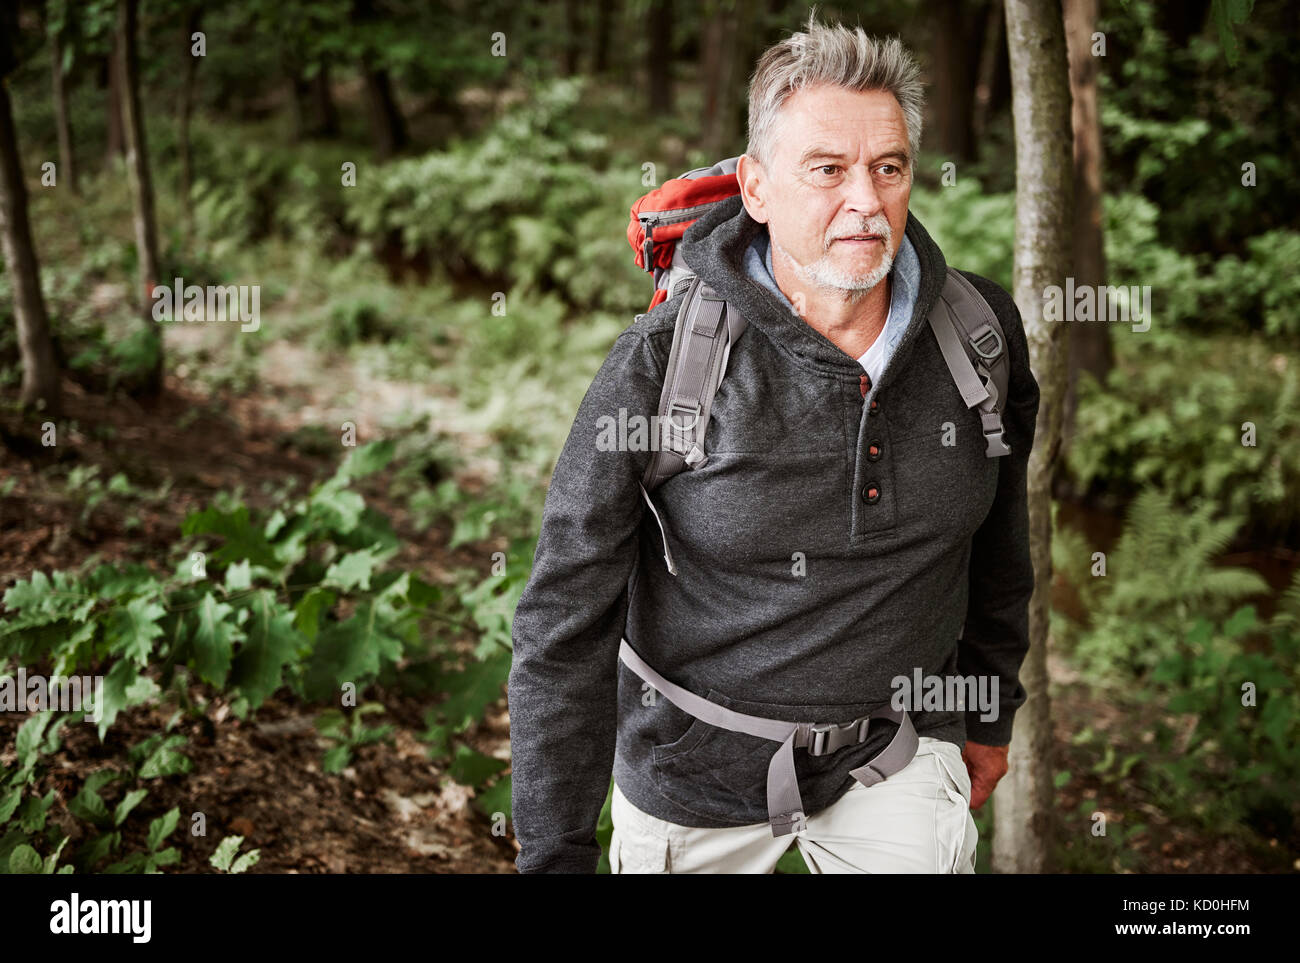 Man de la randonnée à travers forêt Photo Stock